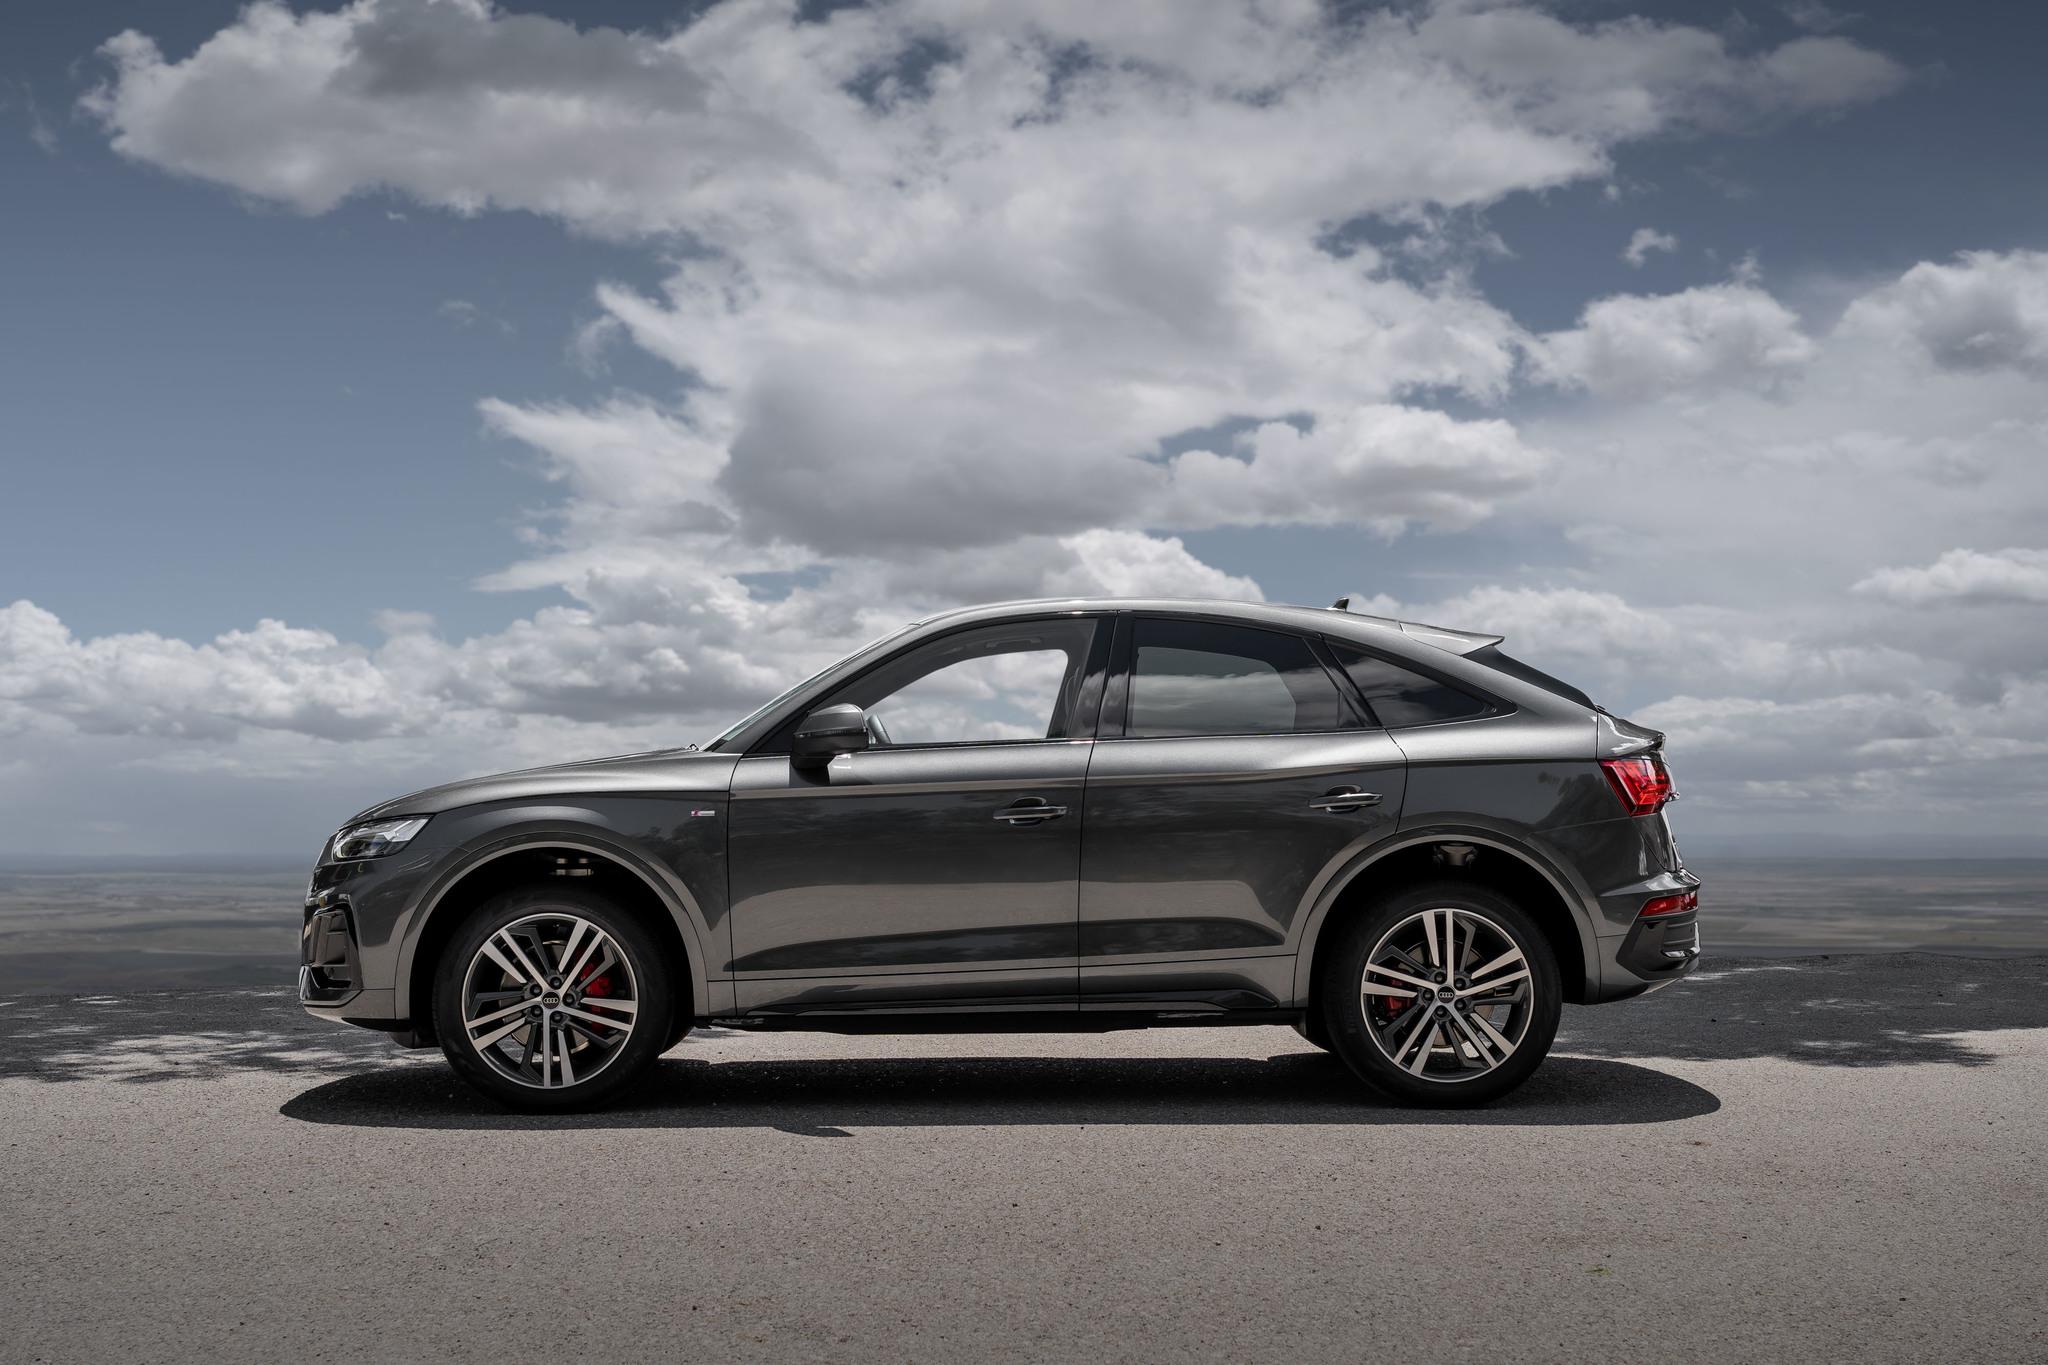 Audi Q5 Sportback, SUV Cupé, CUV, SUV, Audi Q5